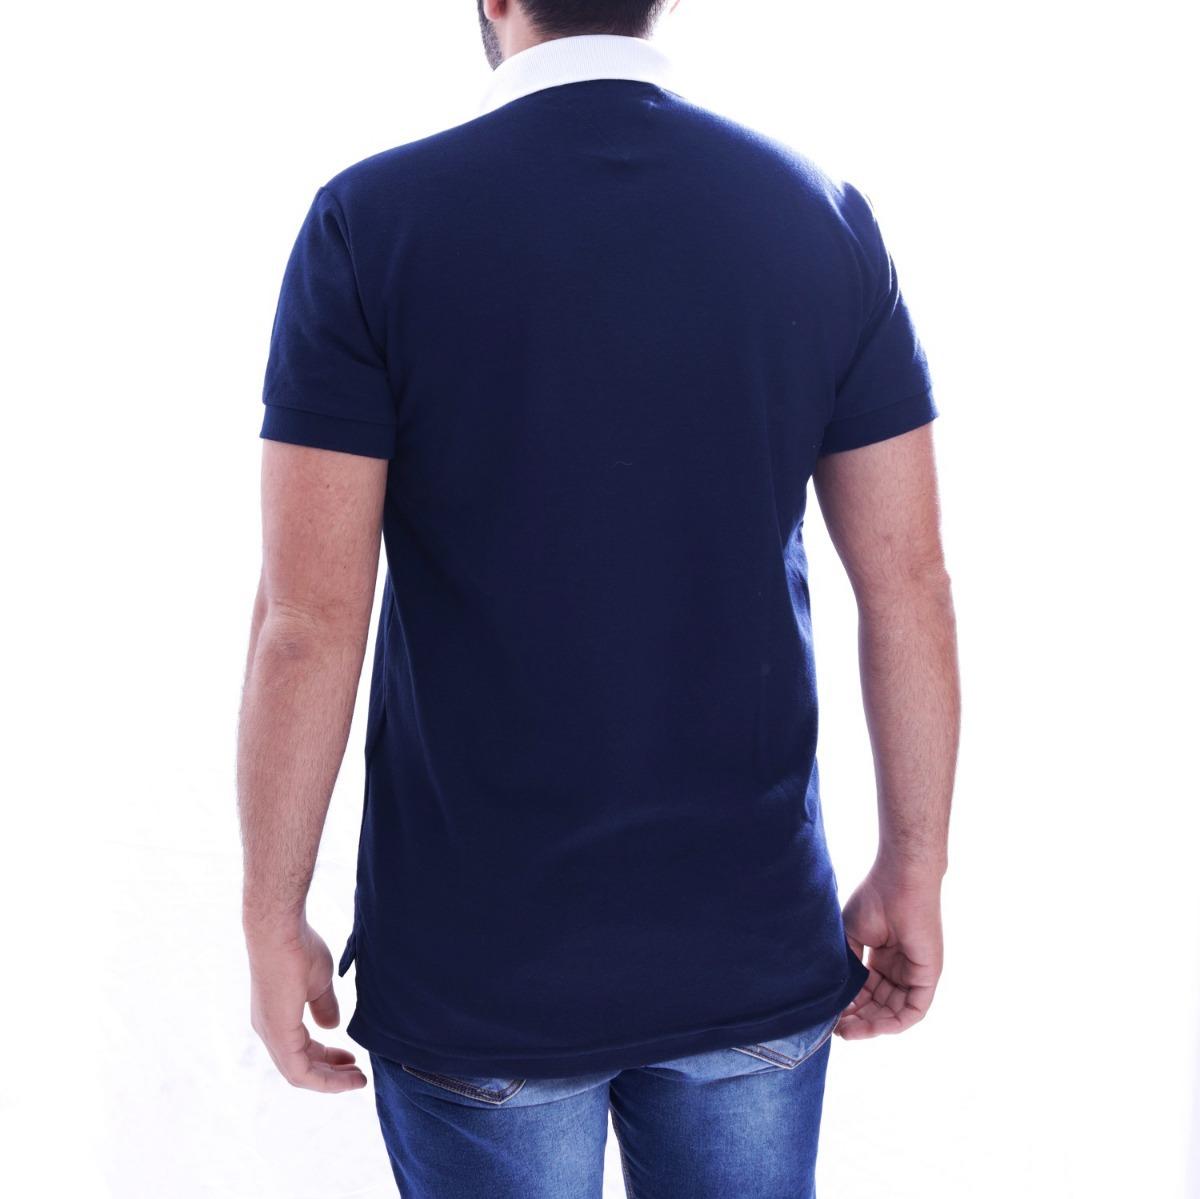 camisa polo tommy hilfiger masc custom fit marinho estampada. Carregando  zoom. dc525d40d03e9